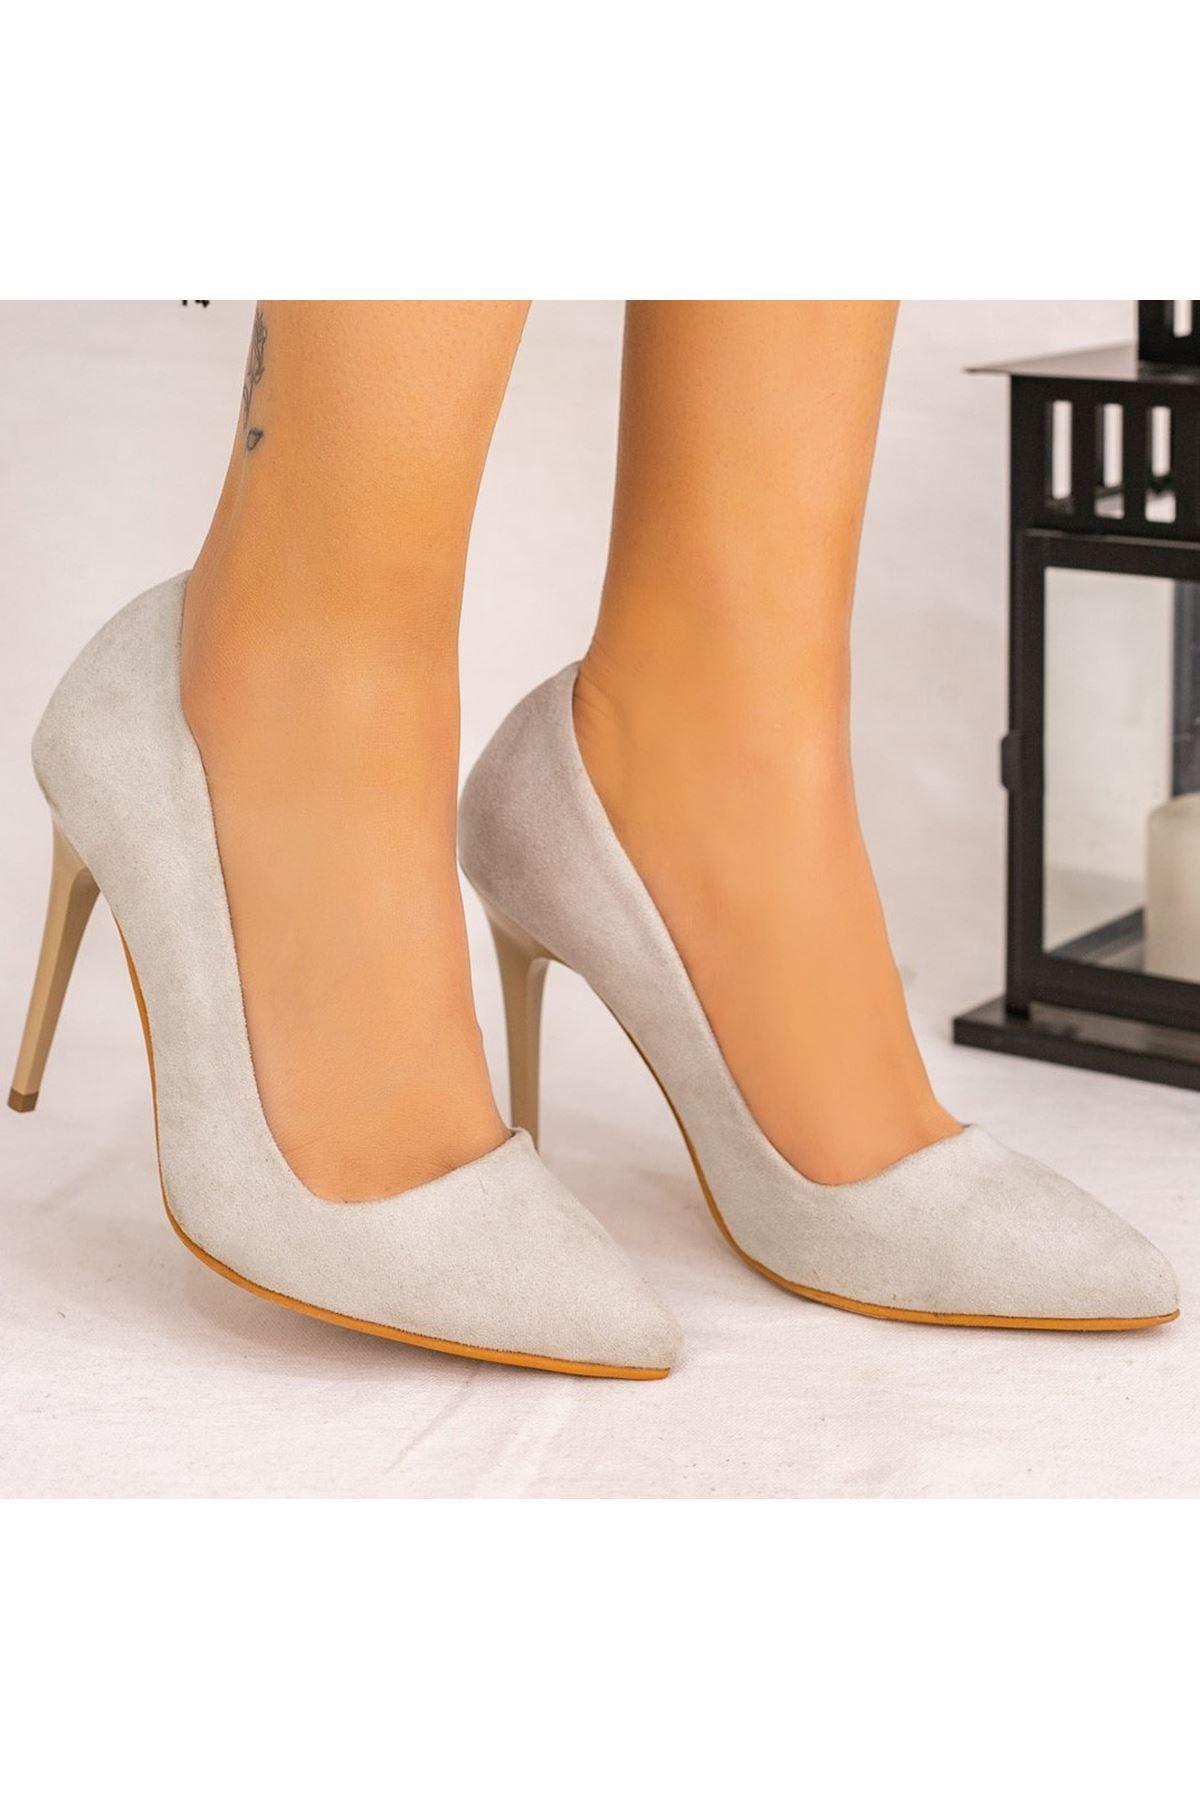 Reme Açık Gri Süet Stiletto Ayakkabı